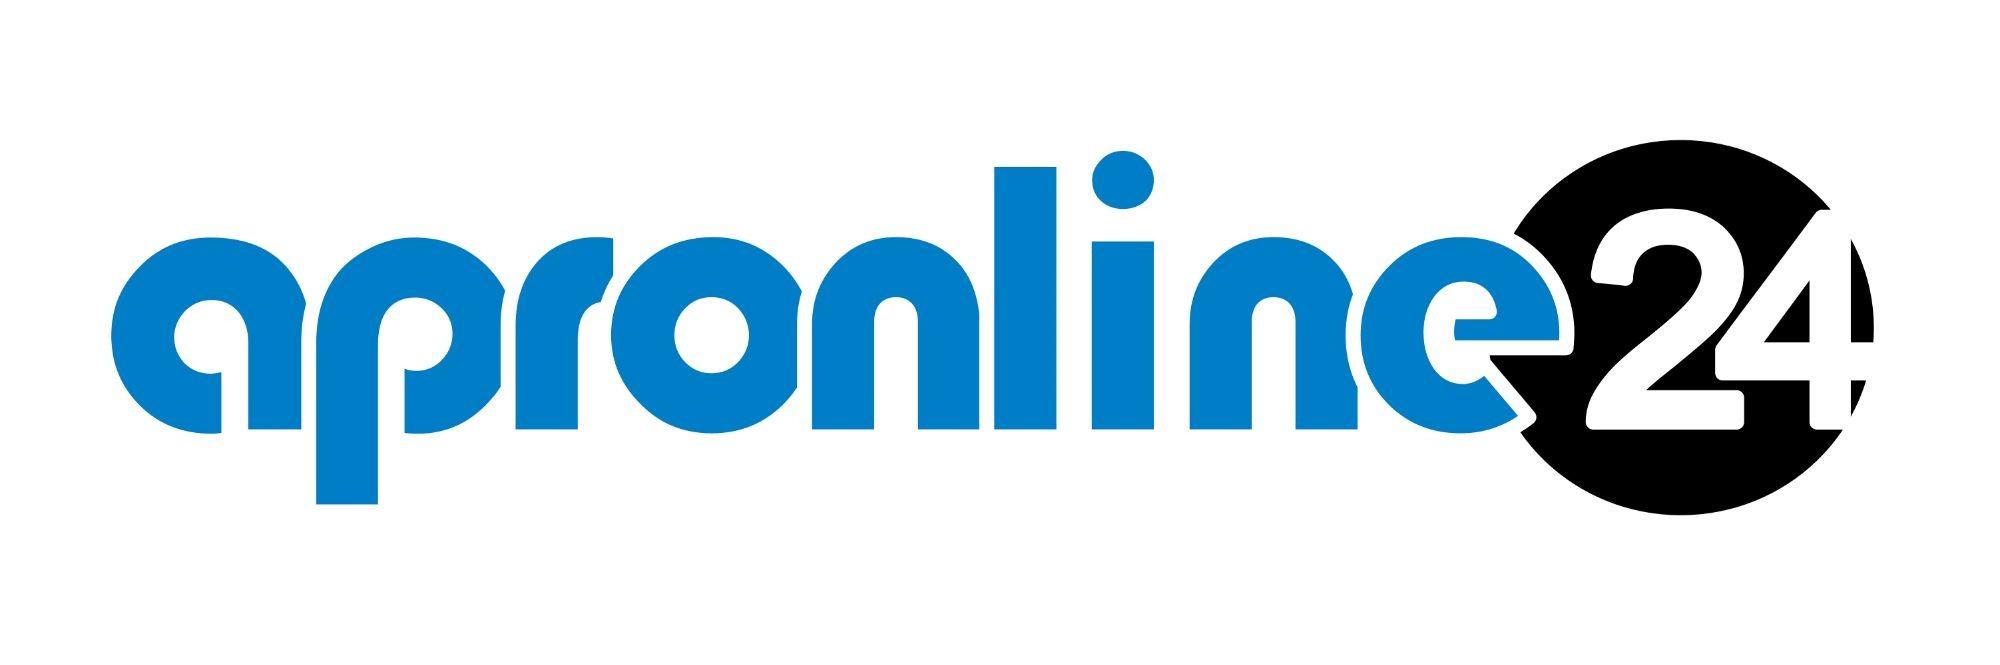 COME CREARE UN SITO WEB CON APRONLINE24.COM